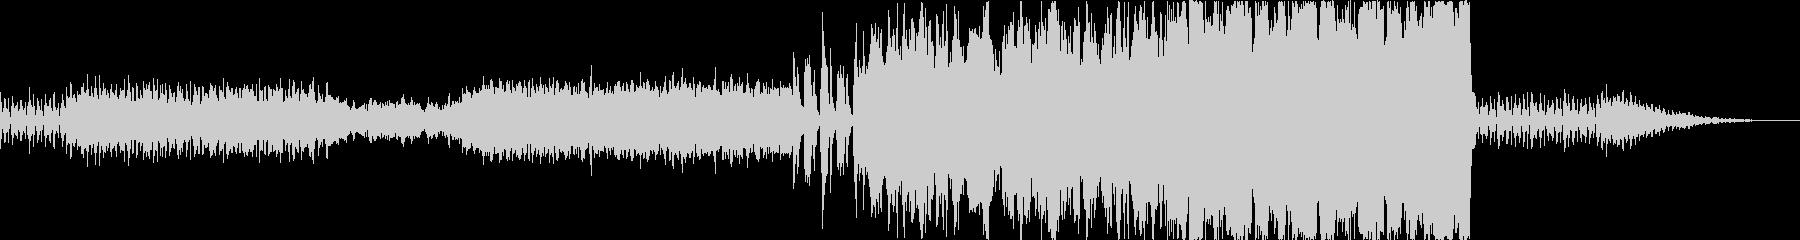 オーケストラ マイナー調の行進曲風の未再生の波形